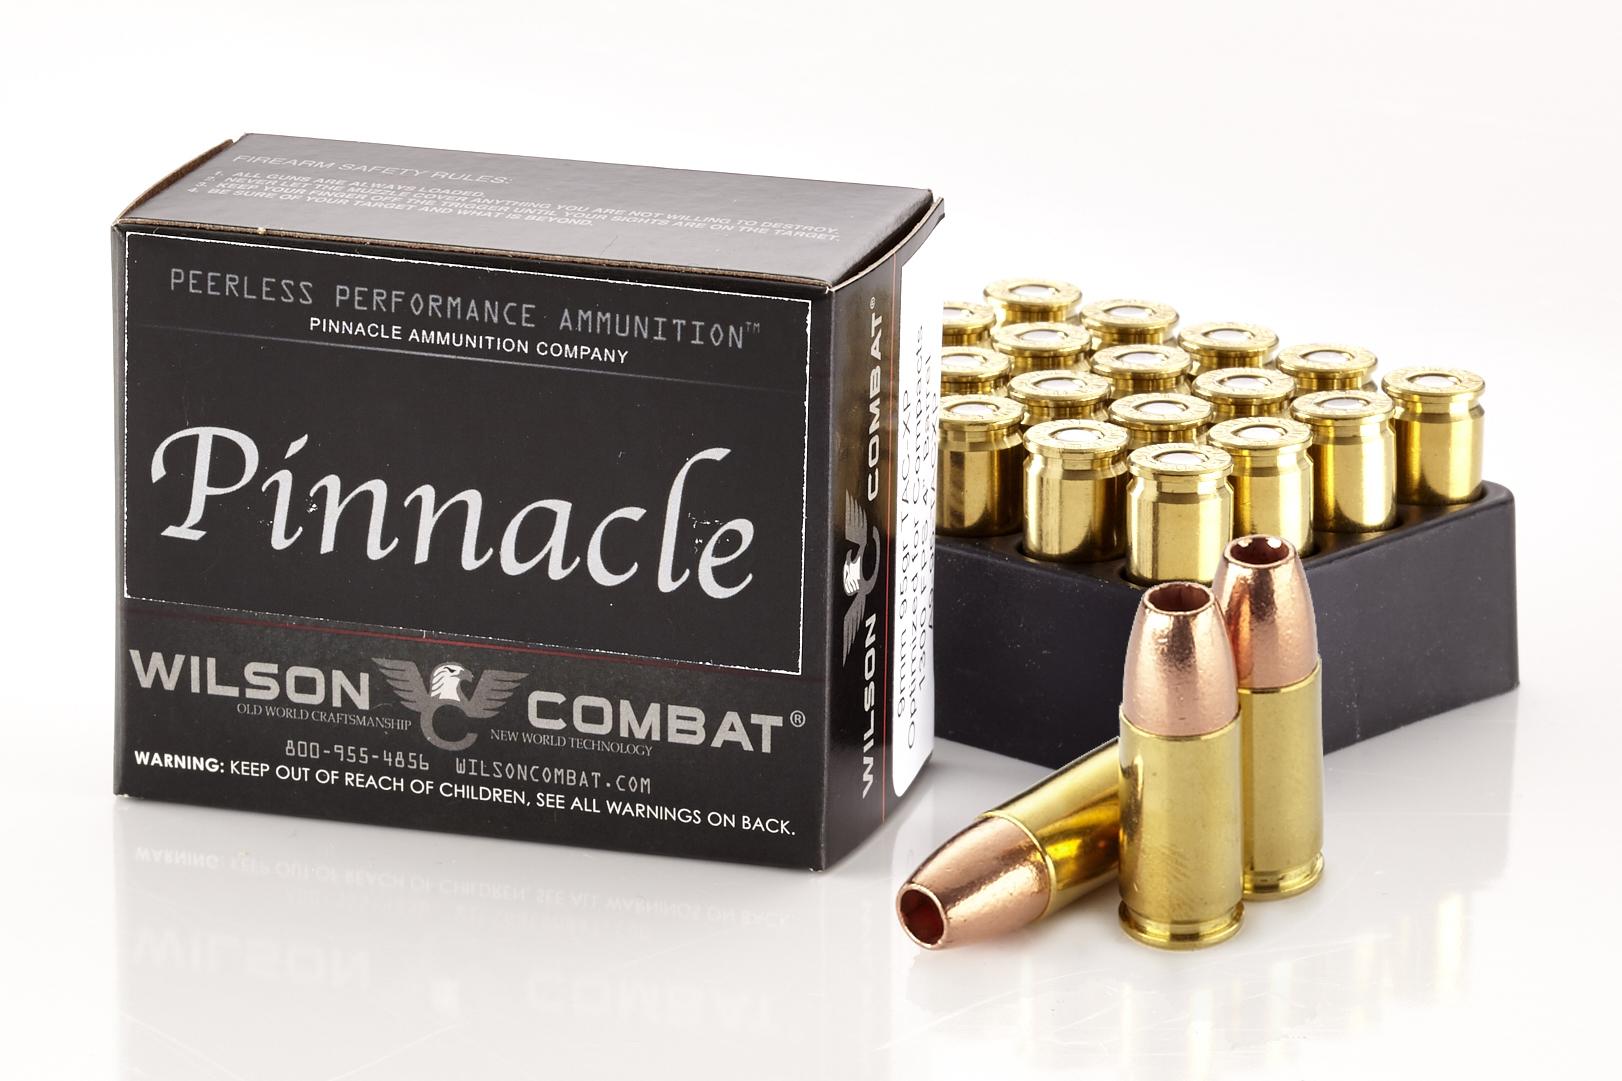 9mm 95 gr barnes tac xp 1250 fps 4 barrel s9mm 95 gr barnes tac xp, 1250 fps 4